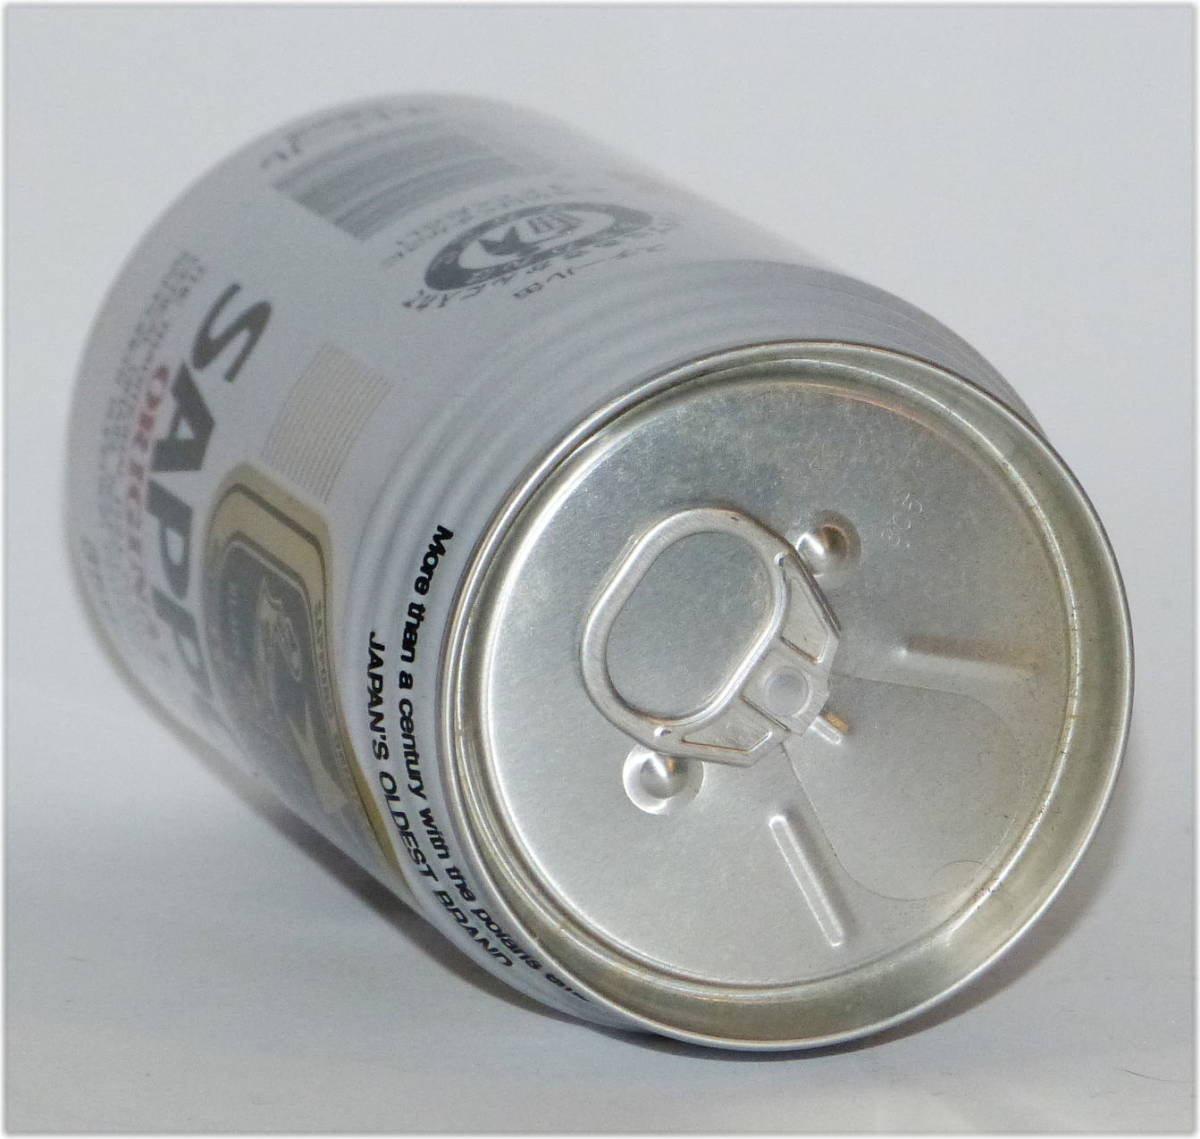 ★サッポロビール・黒ラベルダミー缶(空き缶【F23】1990年)スペースワールド・ぼくらの北九州市にオープン・北九州活性化協議会★_画像5